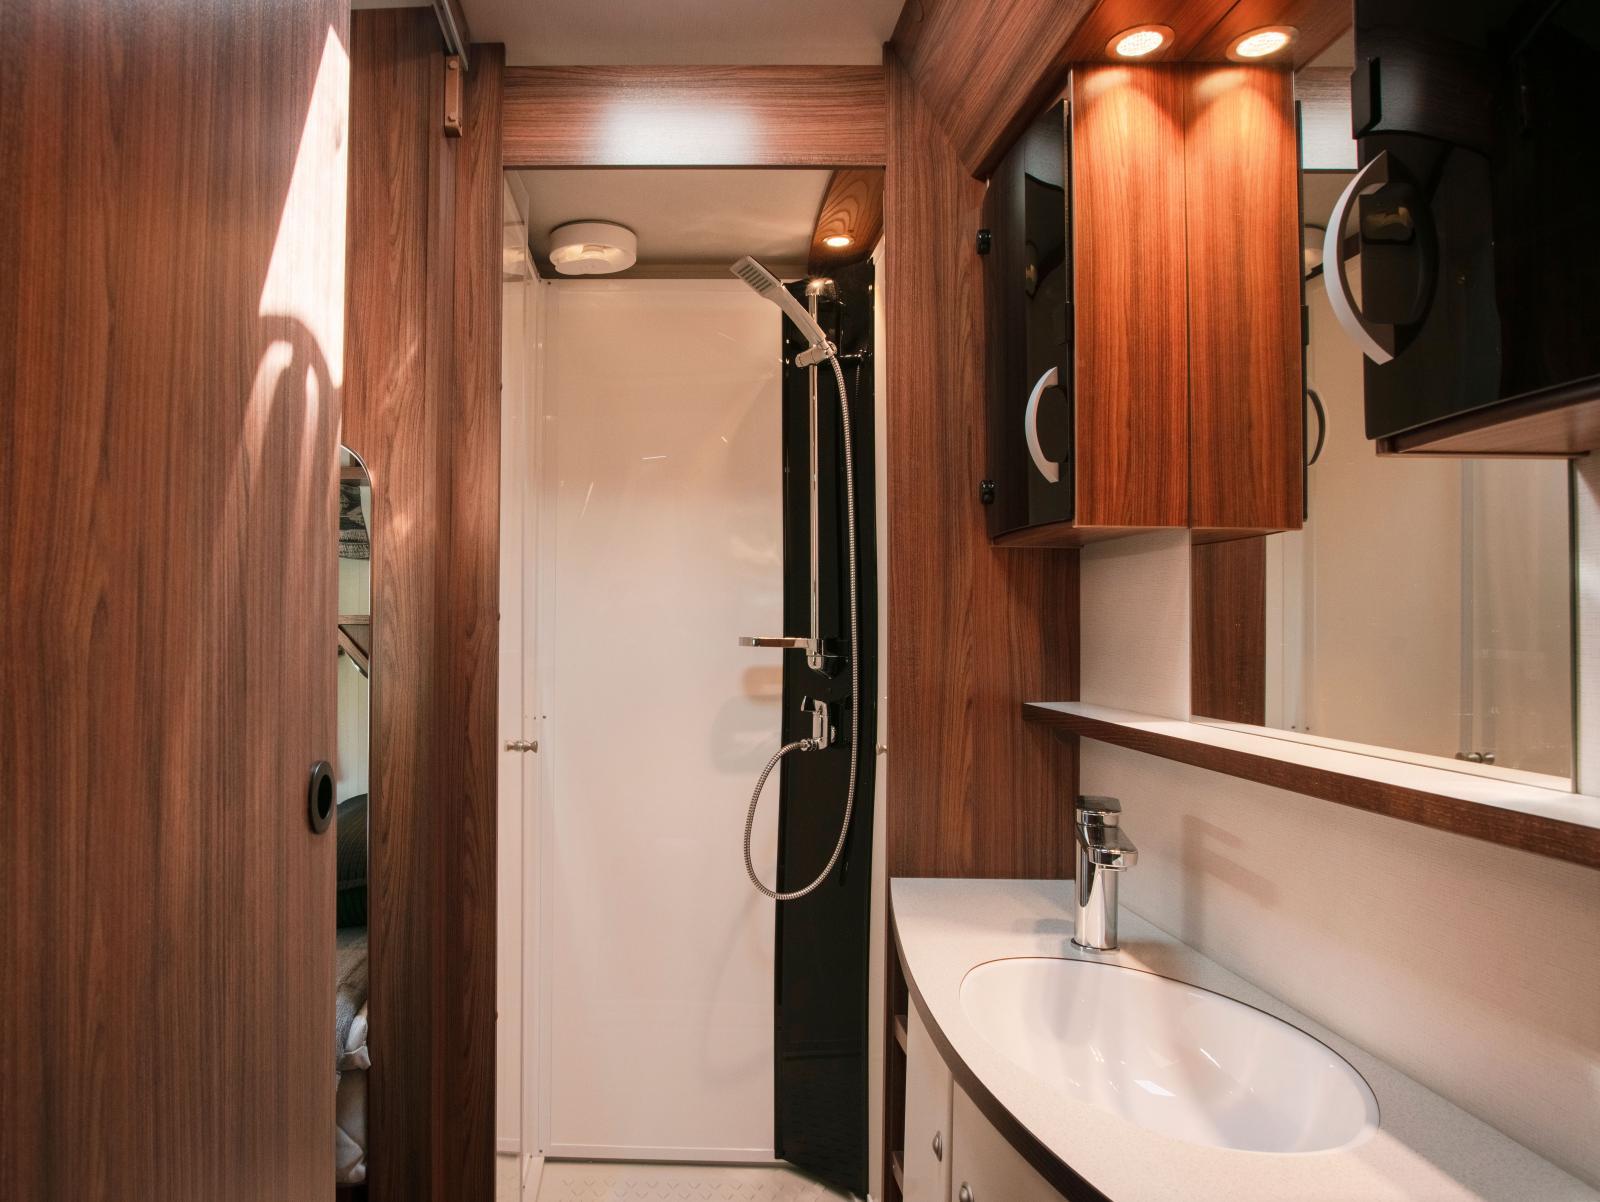 Med separat duschkabin kan man vara fler än en i tvättrummet samtidigt.